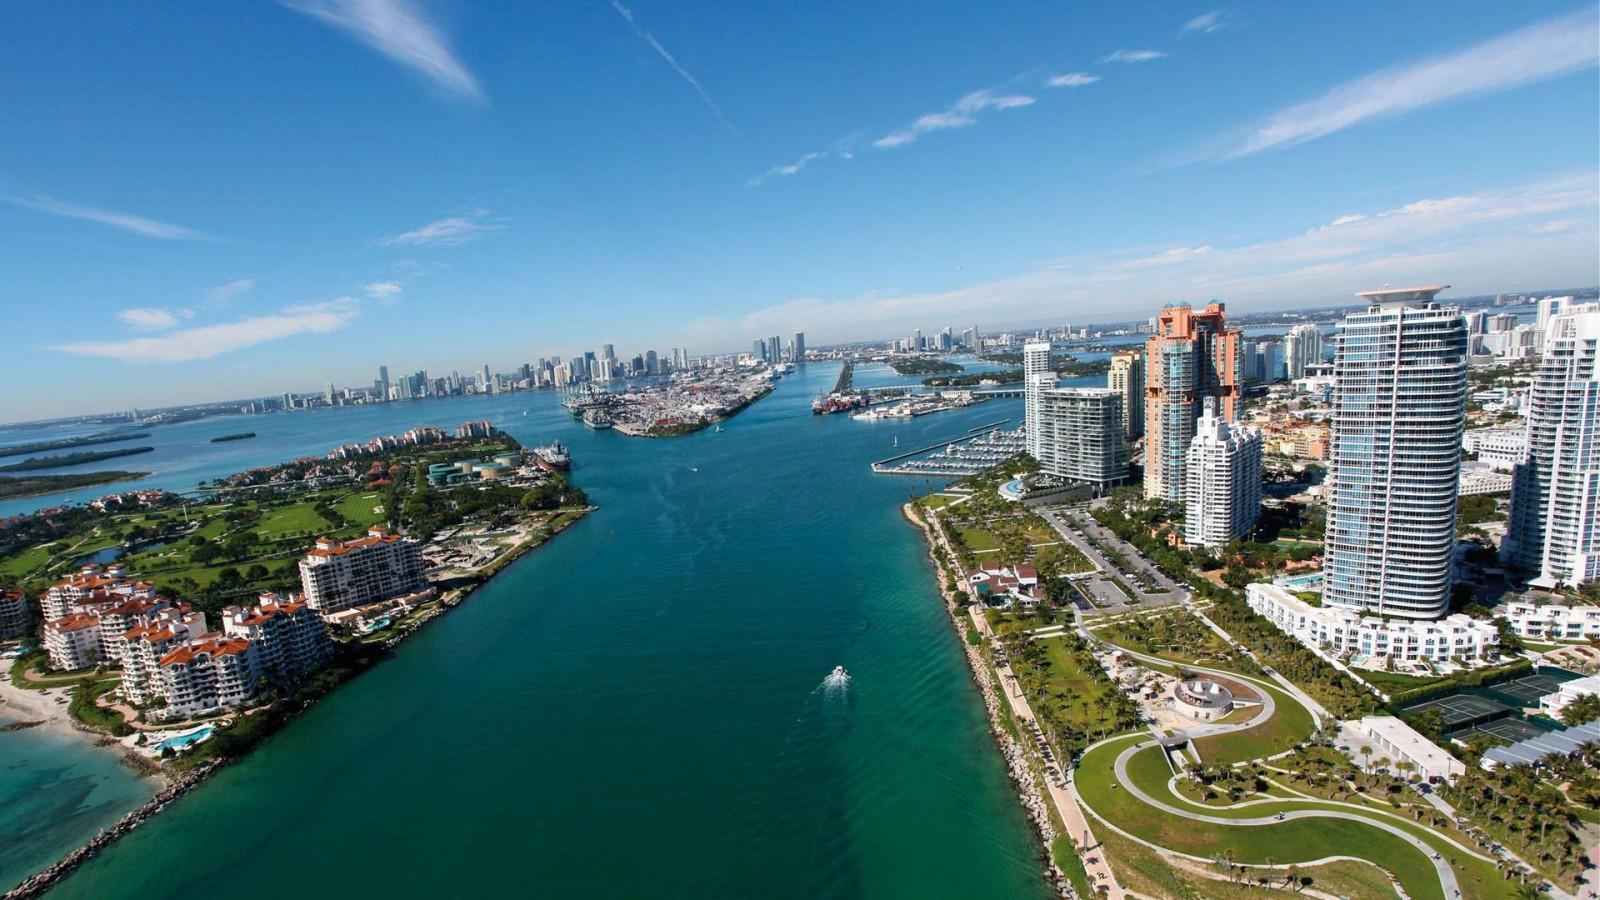 Miami Beach Florida City HD Wallpaper of City   hdwallpaper2013com 1600x900